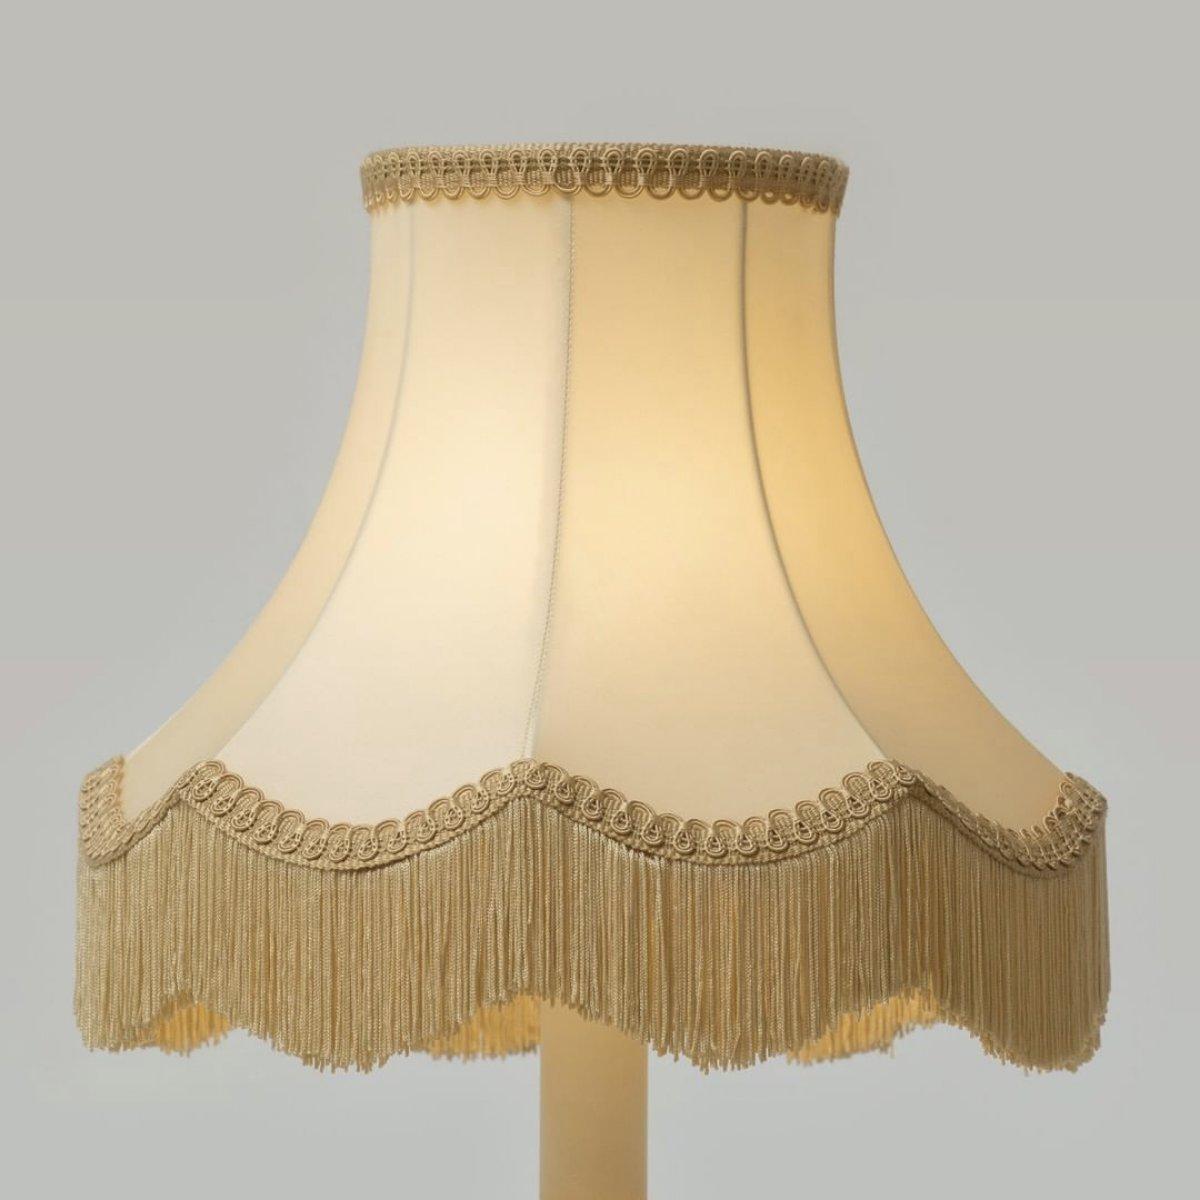 Découvrez la Maison Lucien GAU sur  #maisonluciengau #lustres #art #handmade #luxury #bronze #artisan #alafrancaise #light #luminaire #artwork #frenchdesign #designer #luxe #gold #decor #madeinfrance #artist #frenchstyle #france #paris #lumitop #luciengau